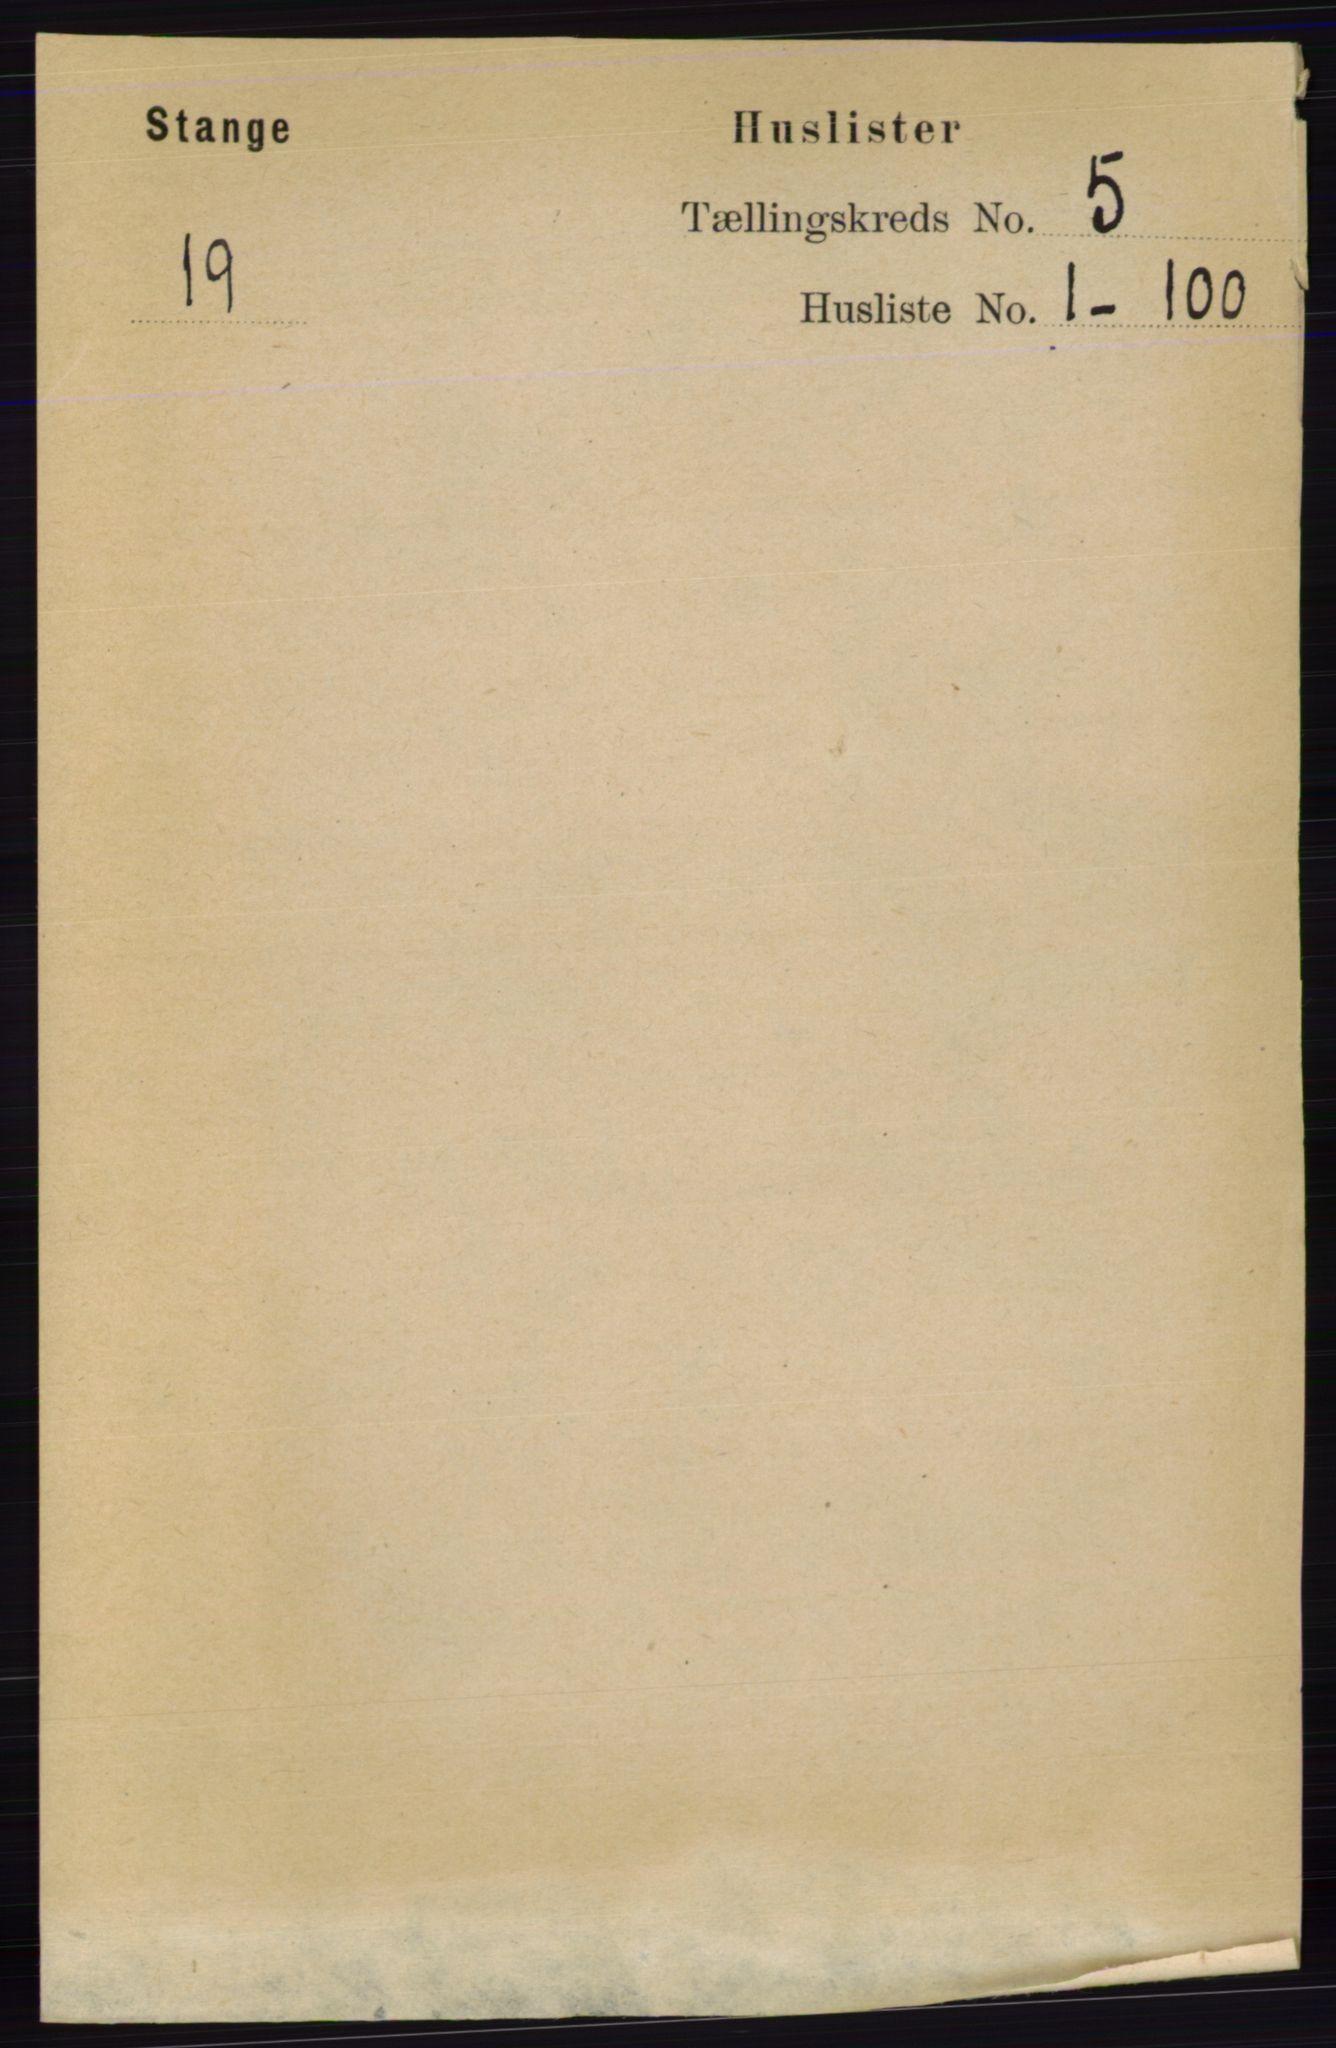 RA, Folketelling 1891 for 0417 Stange herred, 1891, s. 2993